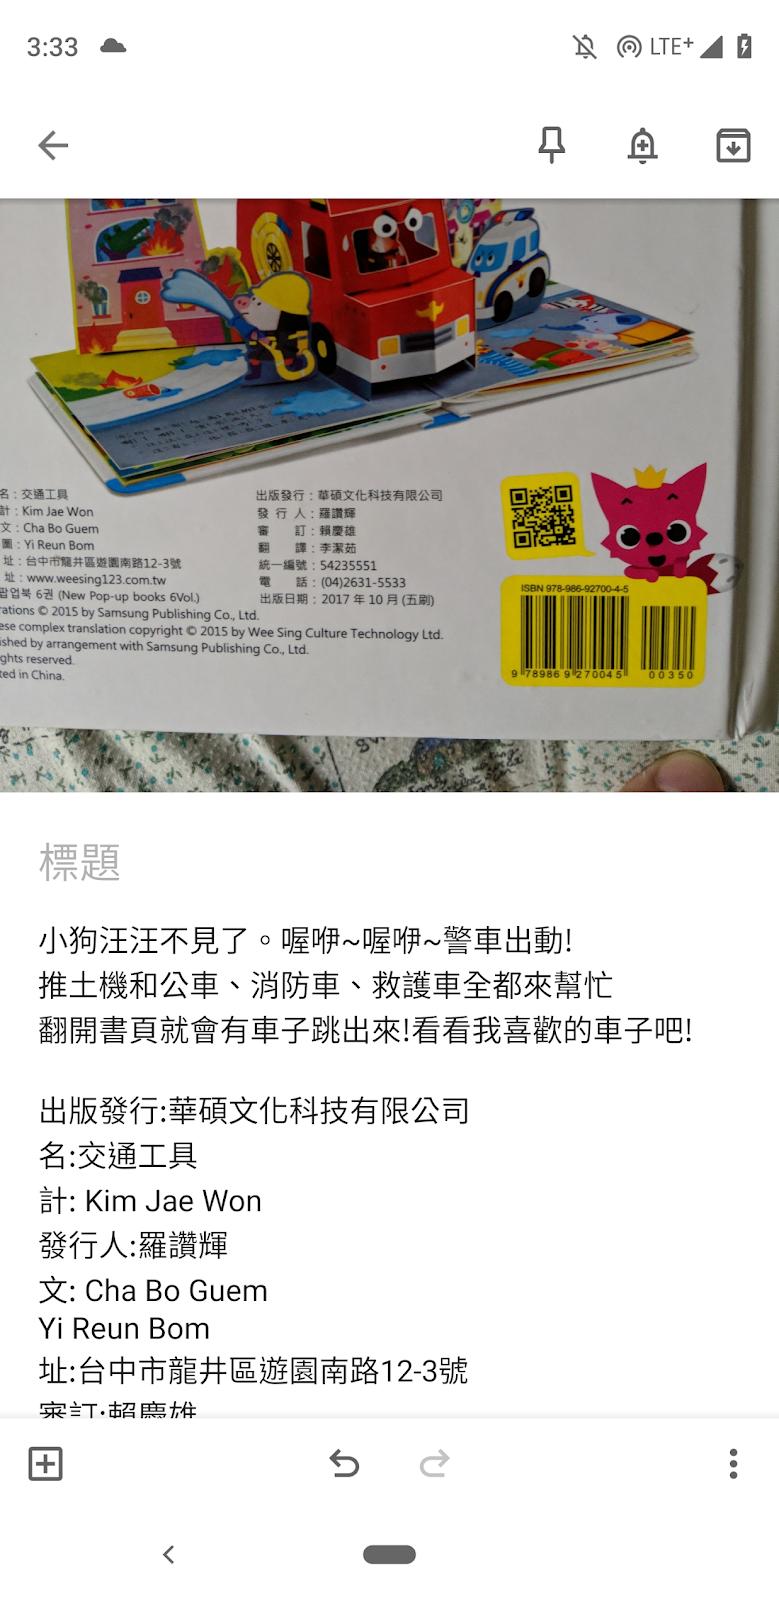 Google Keep - 识别图片文字,支持繁简英日韩文混合